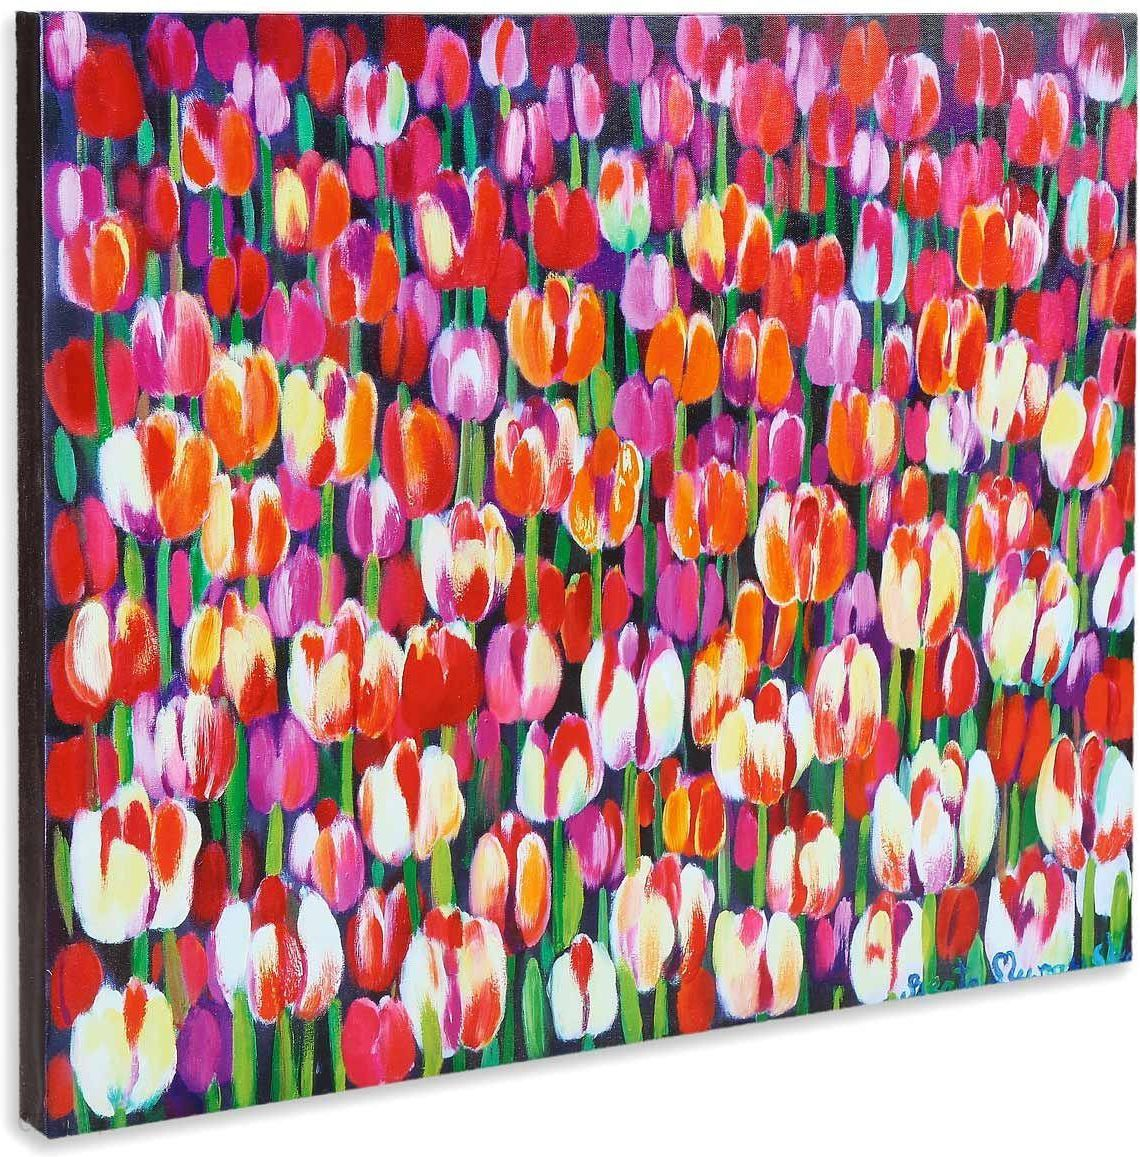 Murawska For Empik Canvas Różowe Tulipany Wyposażenie Salonu Szeroki Wybór Niskie Ceny Opinie I Atrakcyjne Ceny Na Ceneopl